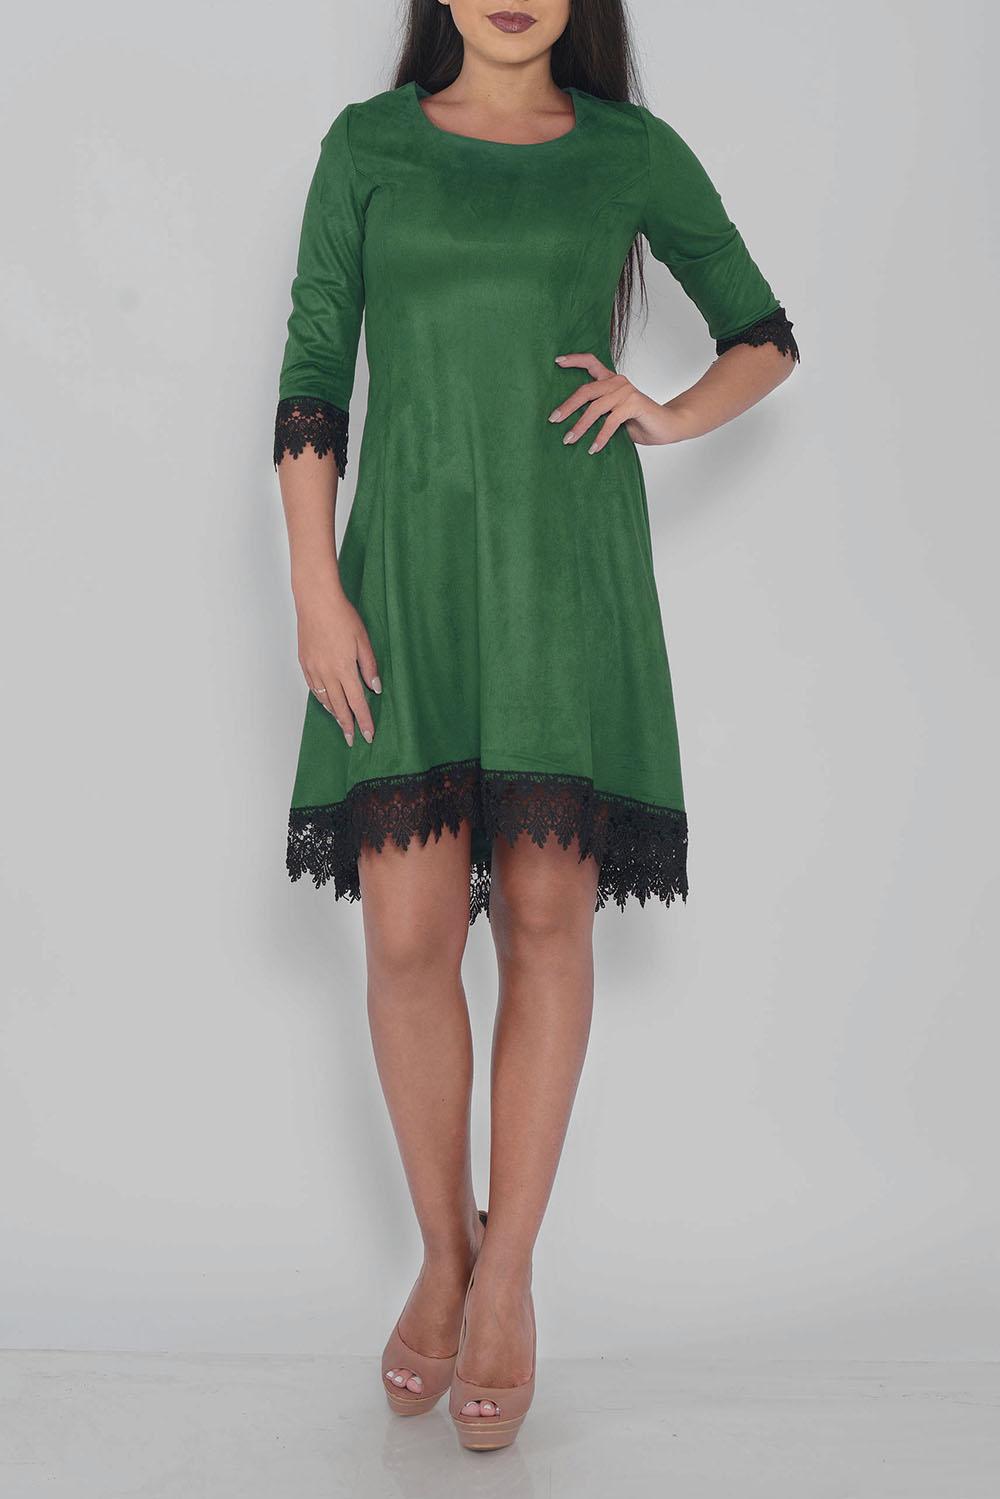 ПлатьеПлатья<br>Интересное платье с небольшим шлейфом. Модель выполнена из замши с гипюровой отделкой. Отличный выбор для любого случая.  Цвет: зеленый, черный  Ростовка изделия 170 см<br><br>Горловина: С- горловина<br>По длине: До колена<br>По материалу: Гипюр,Замша<br>По образу: Город,Свидание<br>По рисунку: Однотонные<br>По силуэту: Полуприталенные<br>По стилю: Повседневный стиль<br>По форме: Платье - трапеция<br>По элементам: С фигурным низом<br>Рукав: Рукав три четверти<br>По сезону: Осень,Весна<br>Размер : 42,44,46,48<br>Материал: Искусственная замша<br>Количество в наличии: 3